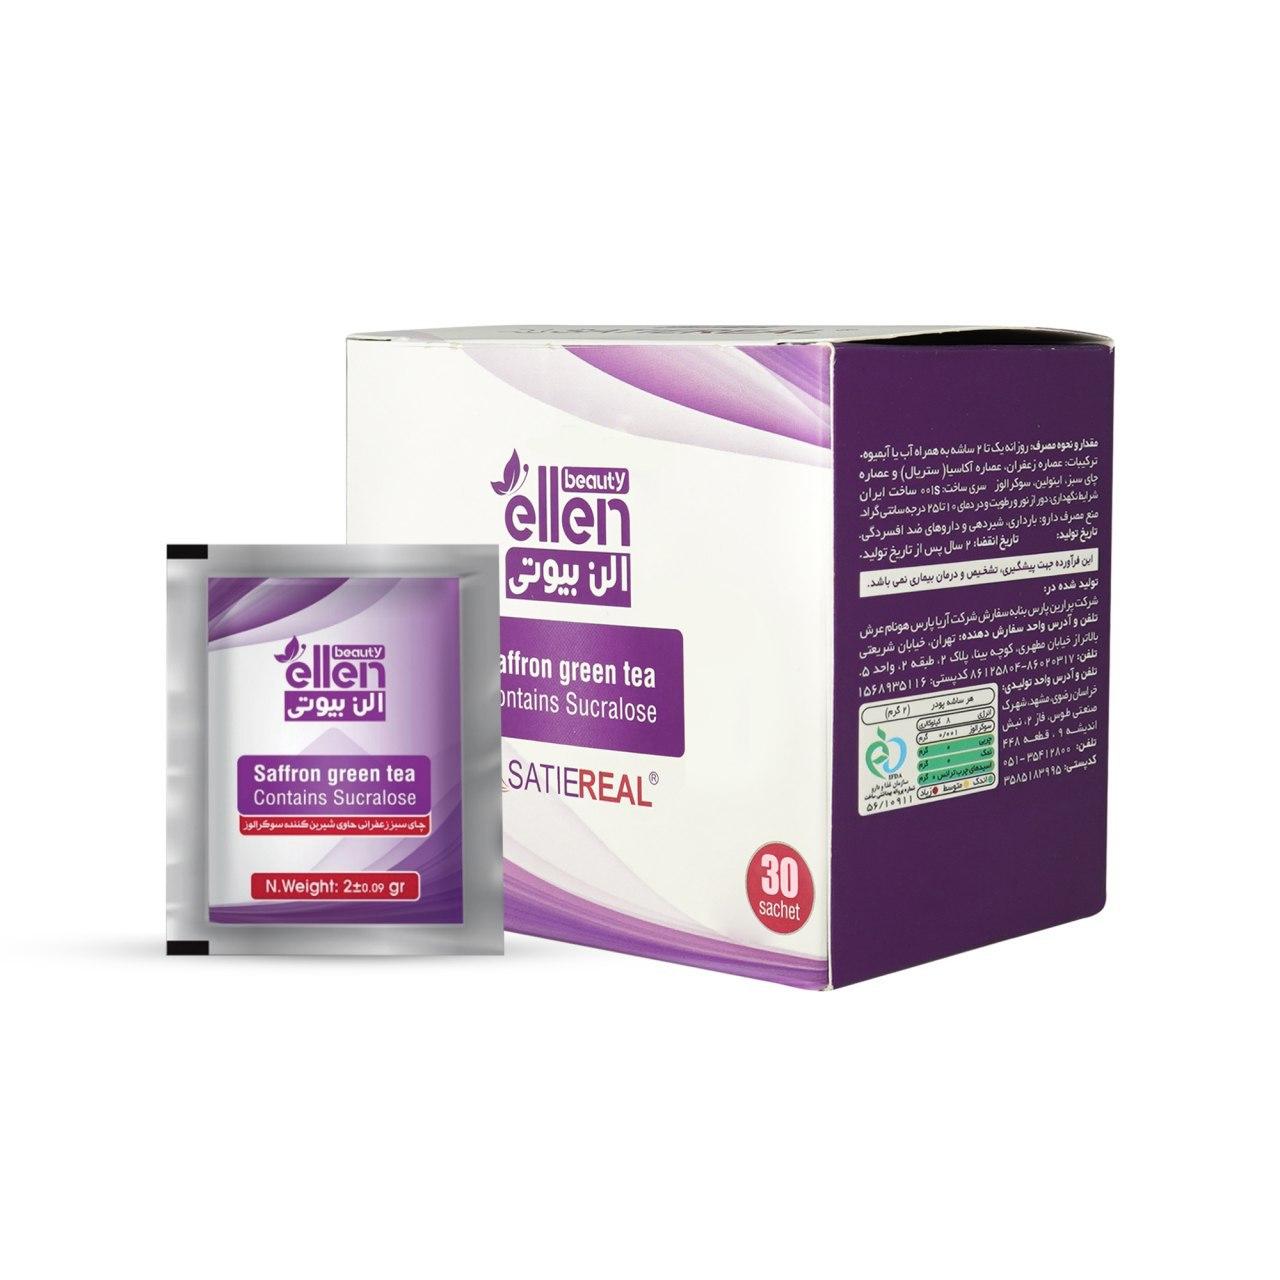 پودر آشامیدنی چای سبز و زعفران (satiereal) بسته 30عددی | بازاریابی شبکه ای